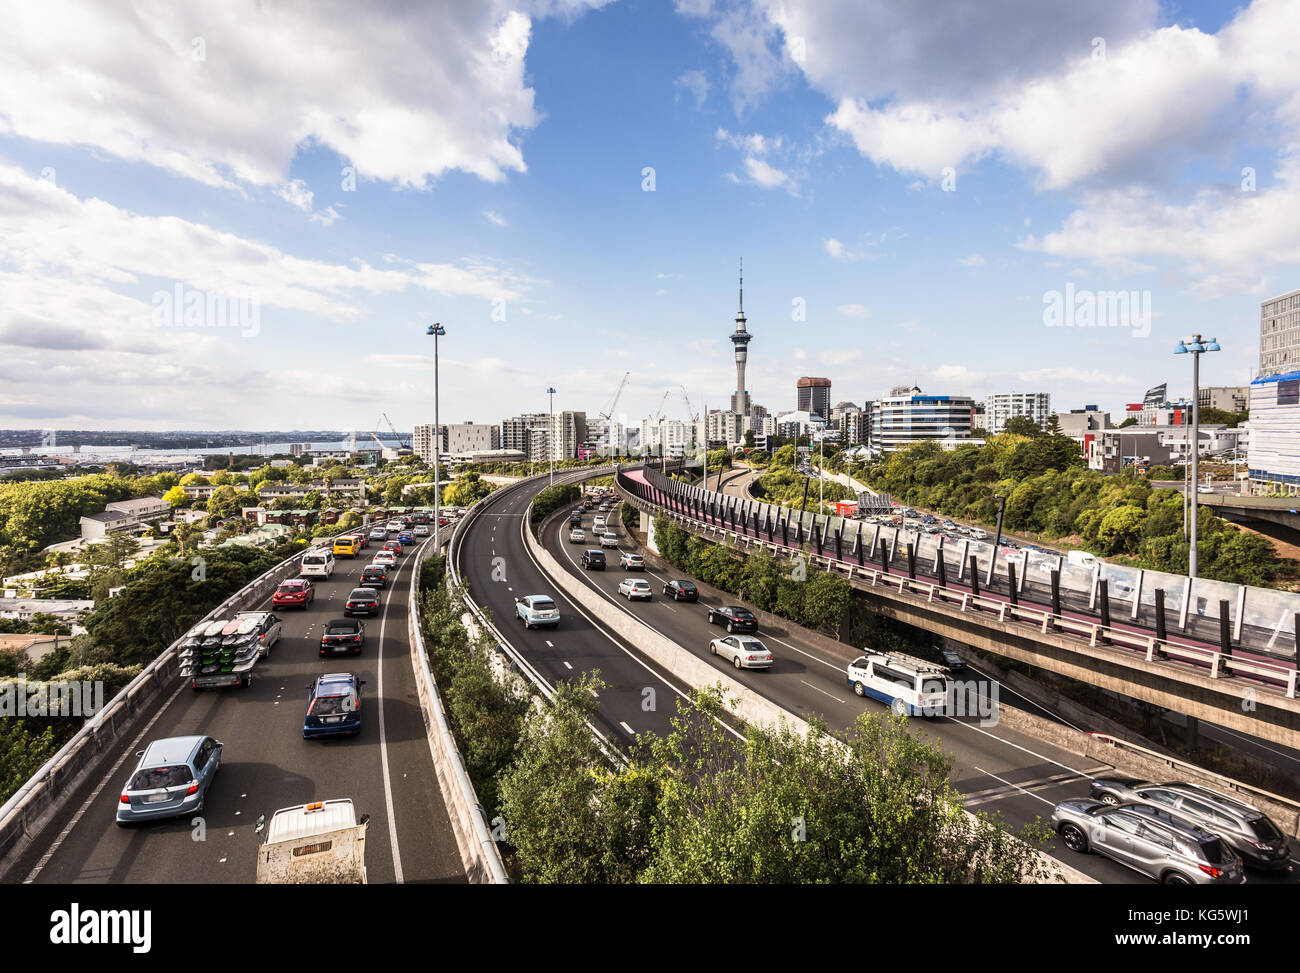 Il traffico pesante lungo la giunzione di spaghetti di varie autostrade a Auckland, in Nuova Zelanda la più Immagini Stock